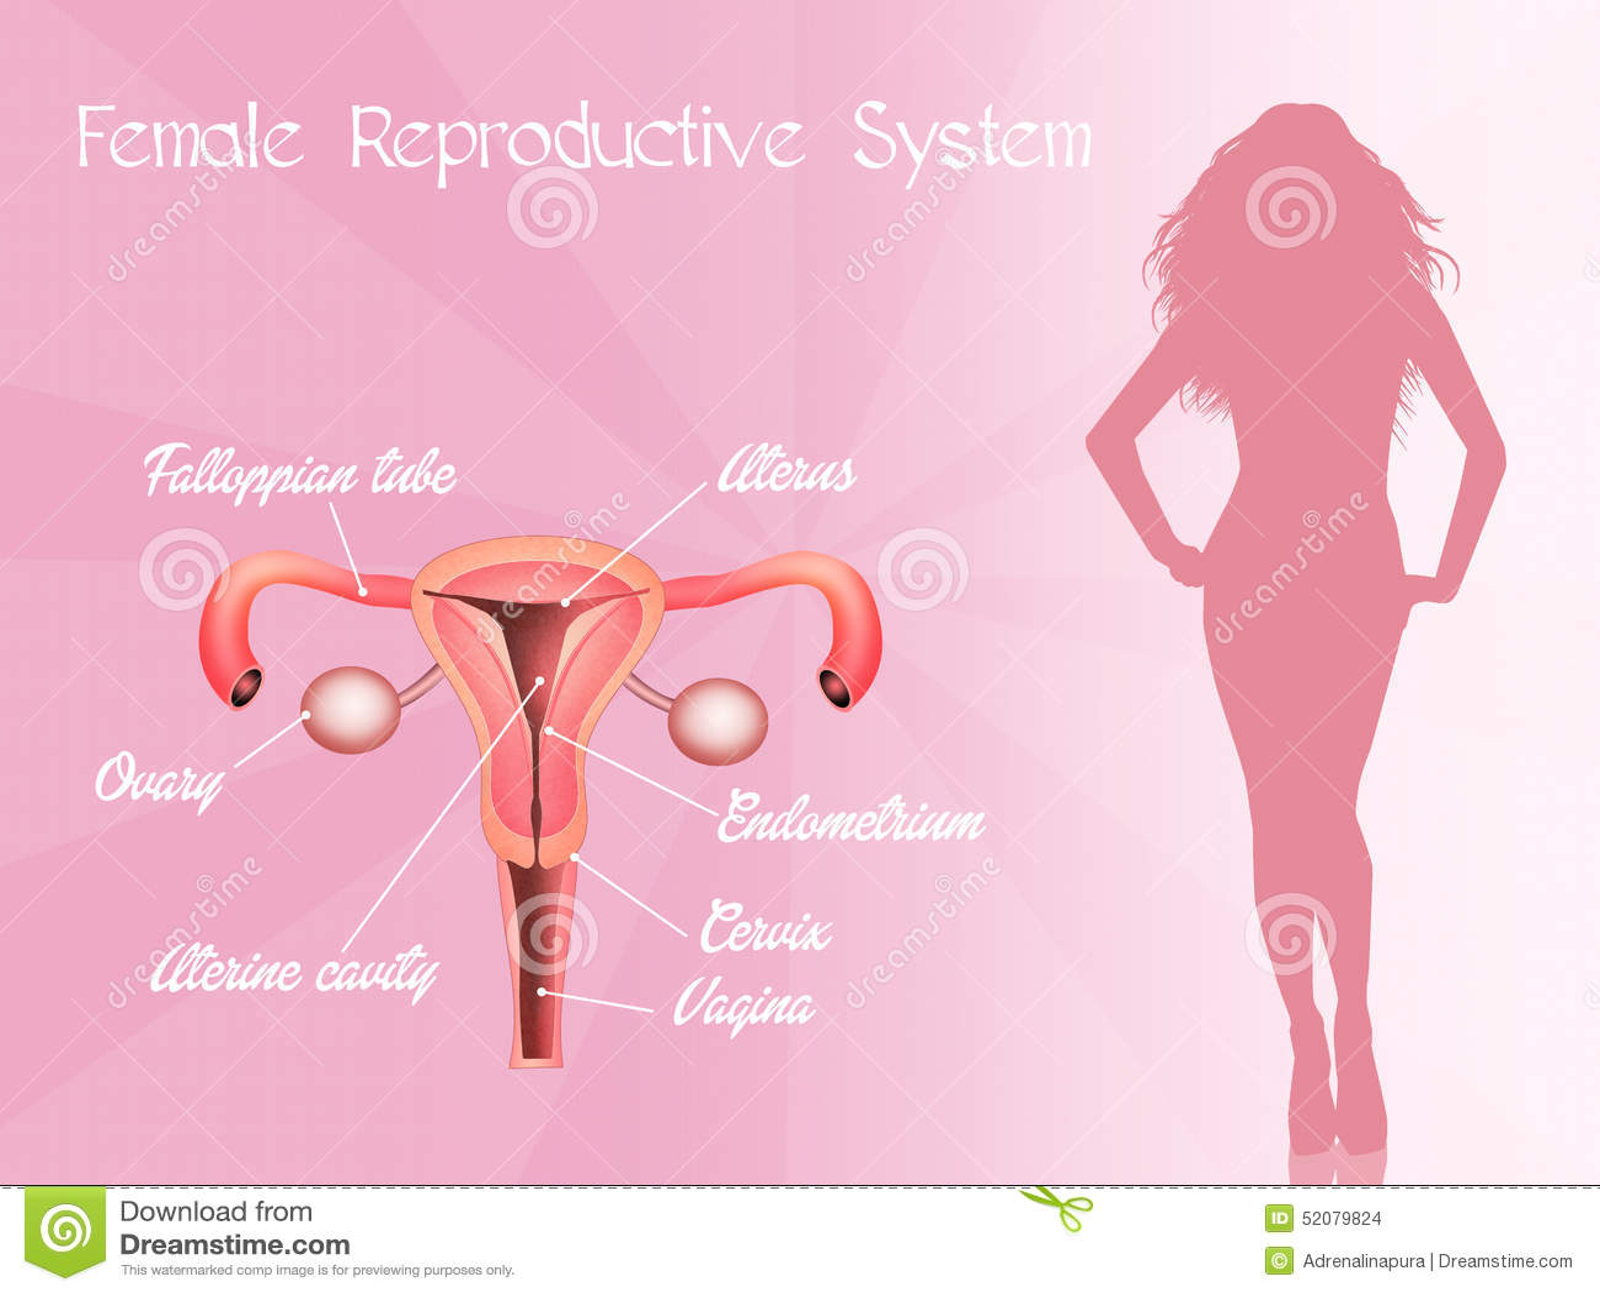 Фото крупным планом женской матки 24 фотография